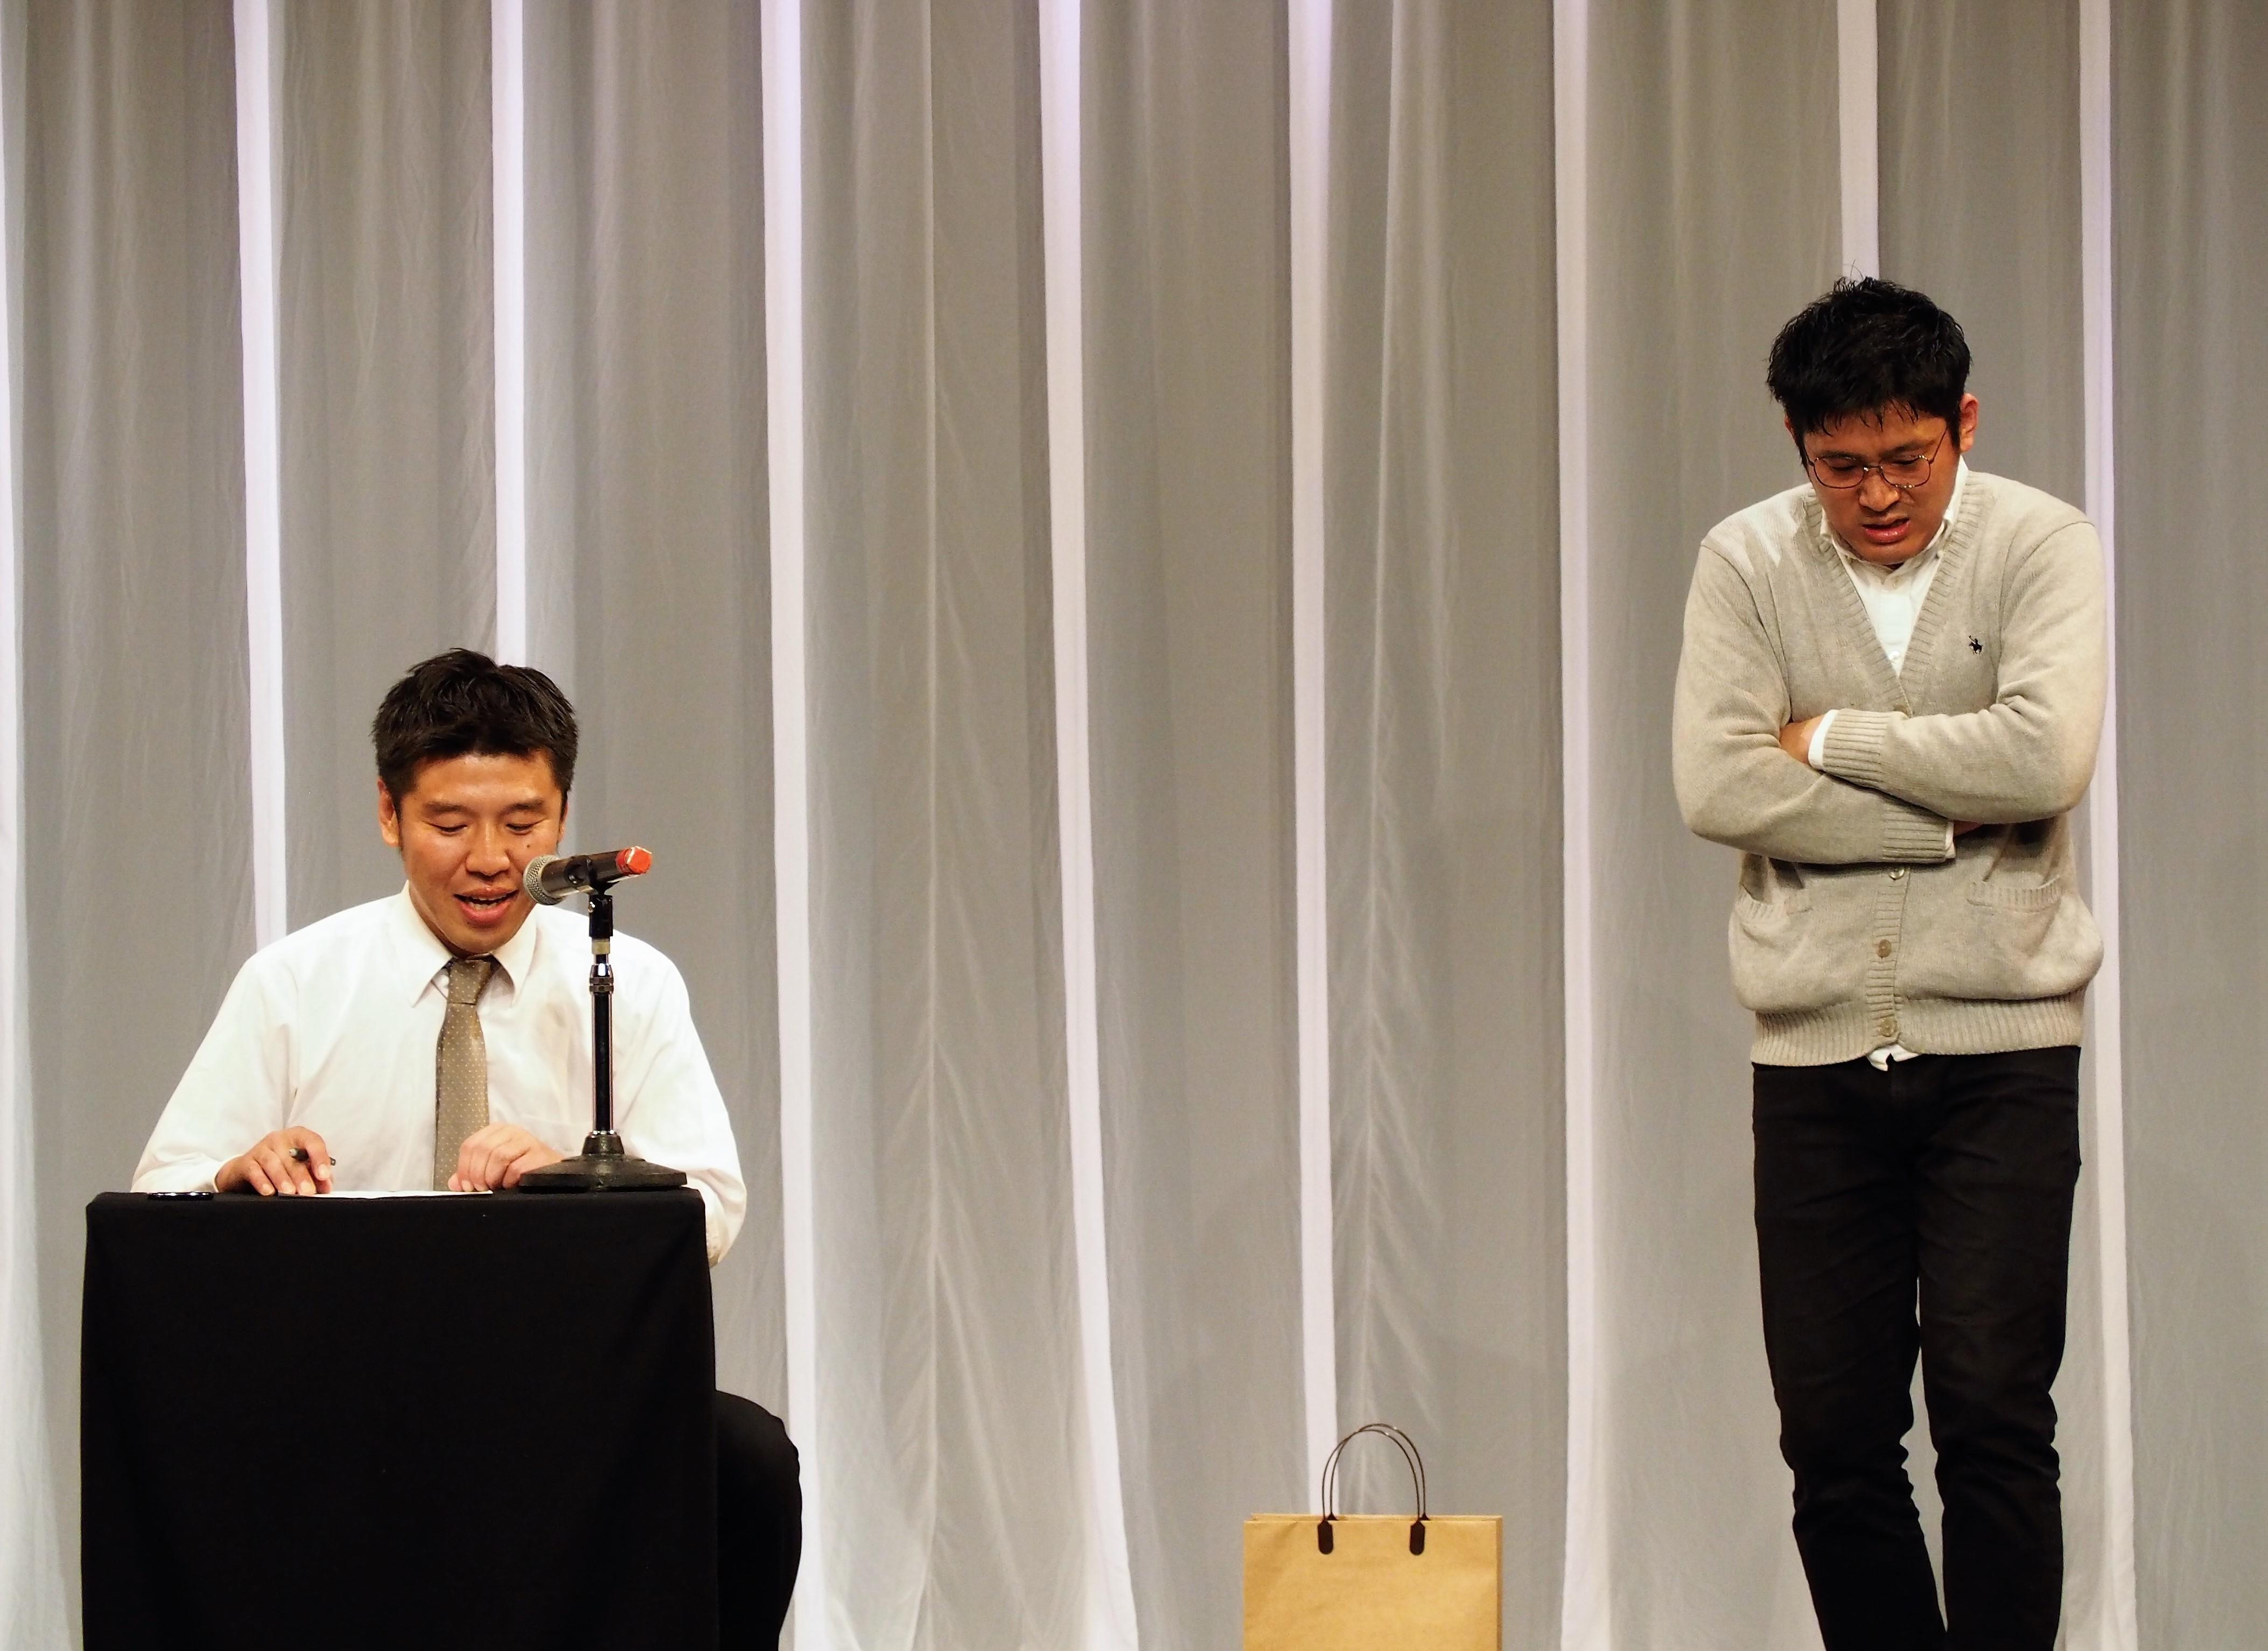 http://news.yoshimoto.co.jp/20180704113939-035ca4f9006424d9d975c73cb5f57fe1dedb205f.jpg